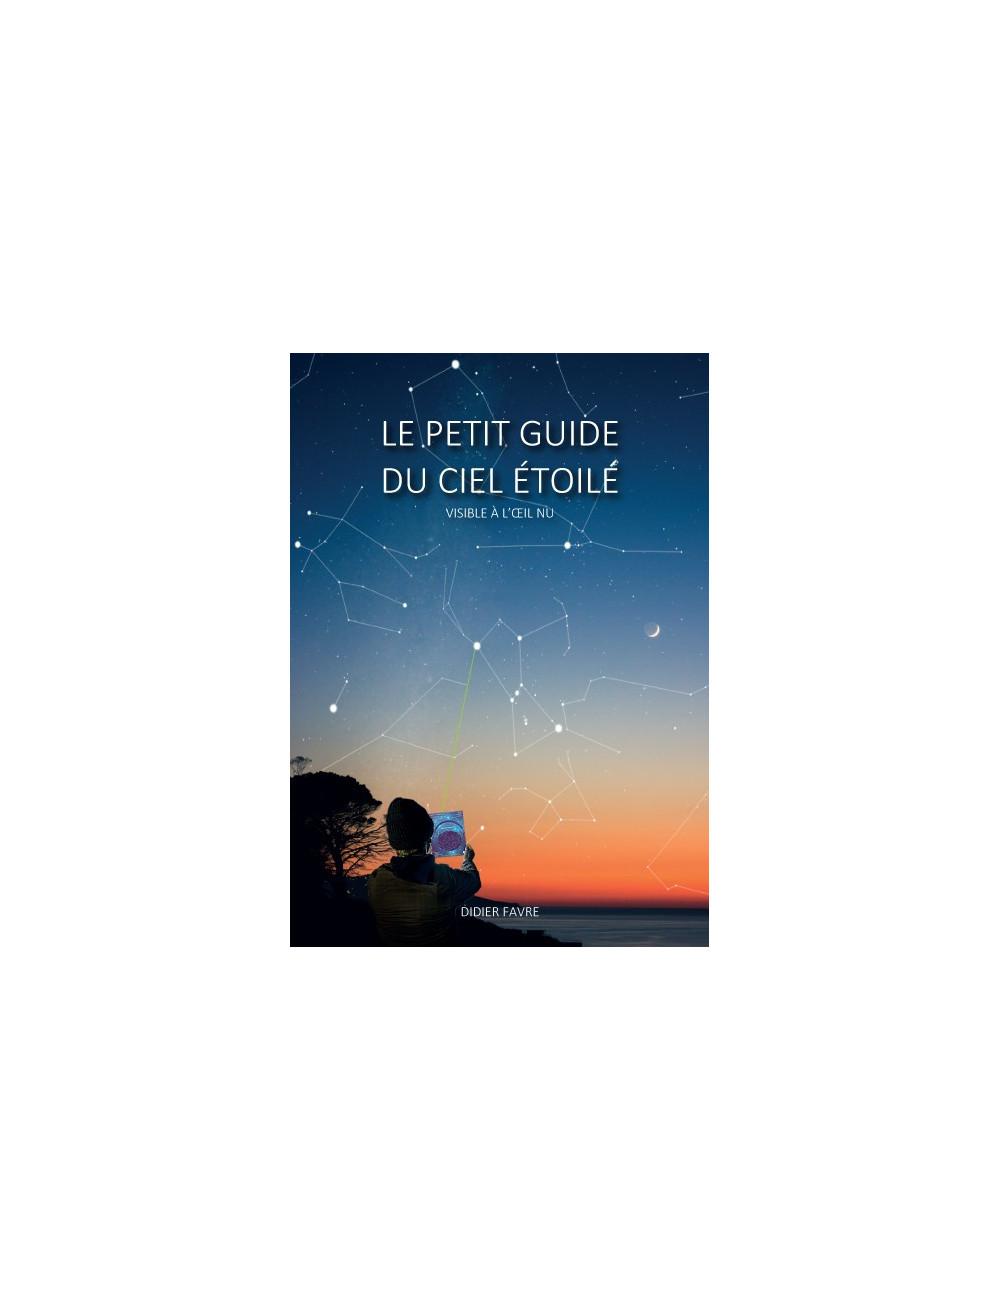 Le Petit Guide du Ciel Etoilé, visible à l'oeil nu